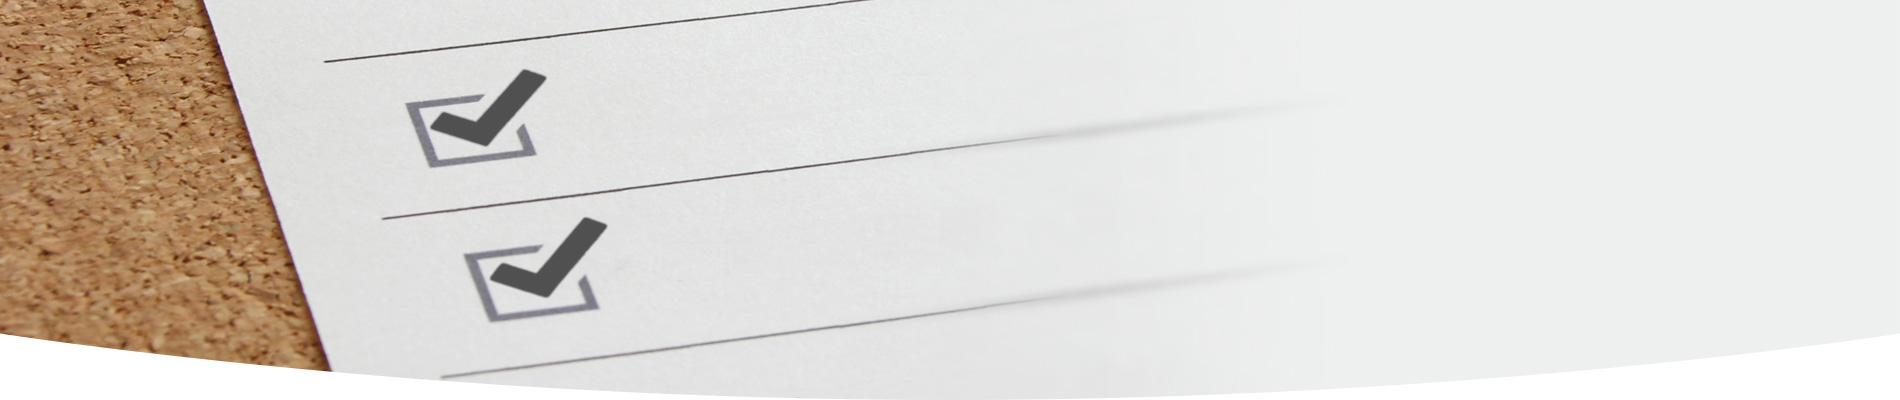 北九州ホームページ制作の制作の流れ